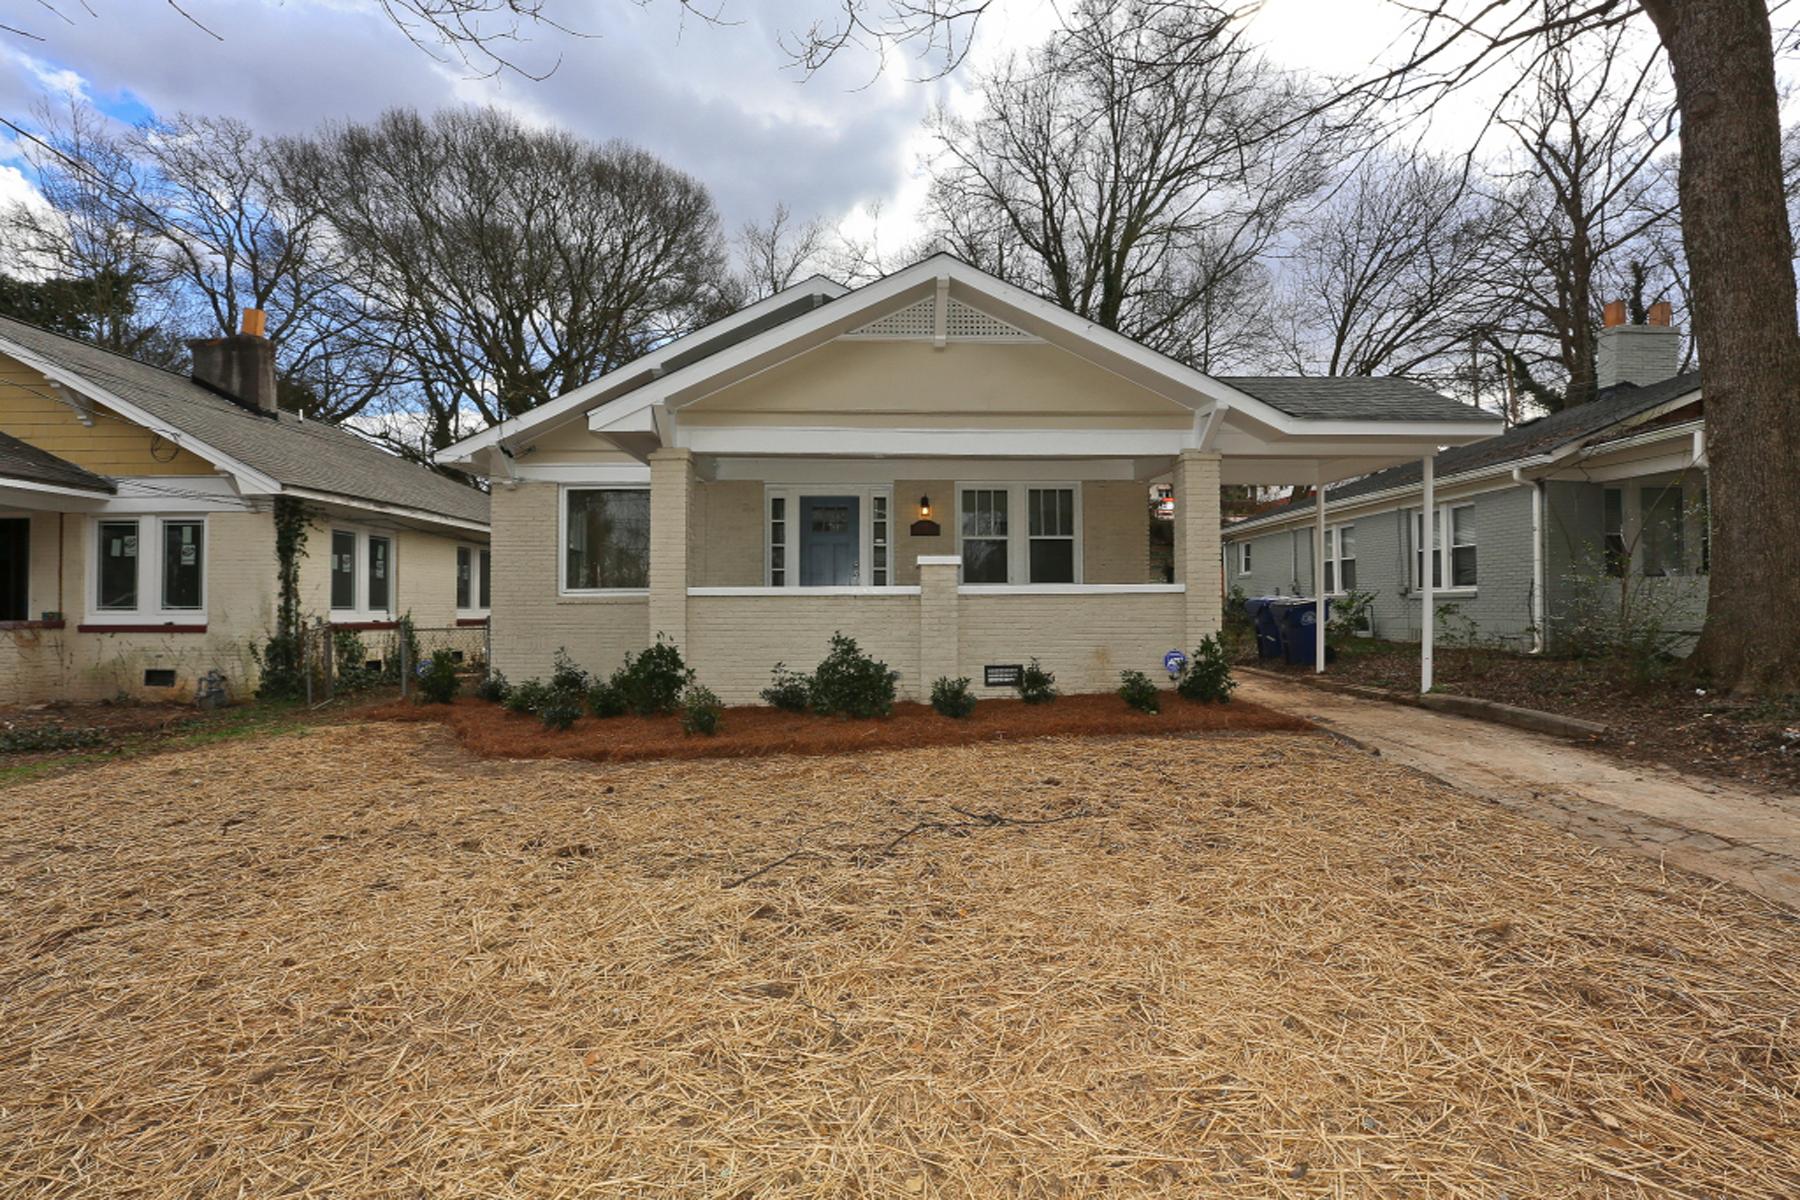 一戸建て のために 売買 アット Classic Grant Park Bungalow 153 Atlanta Avenue Grant Park, Atlanta, ジョージア 30315 アメリカ合衆国